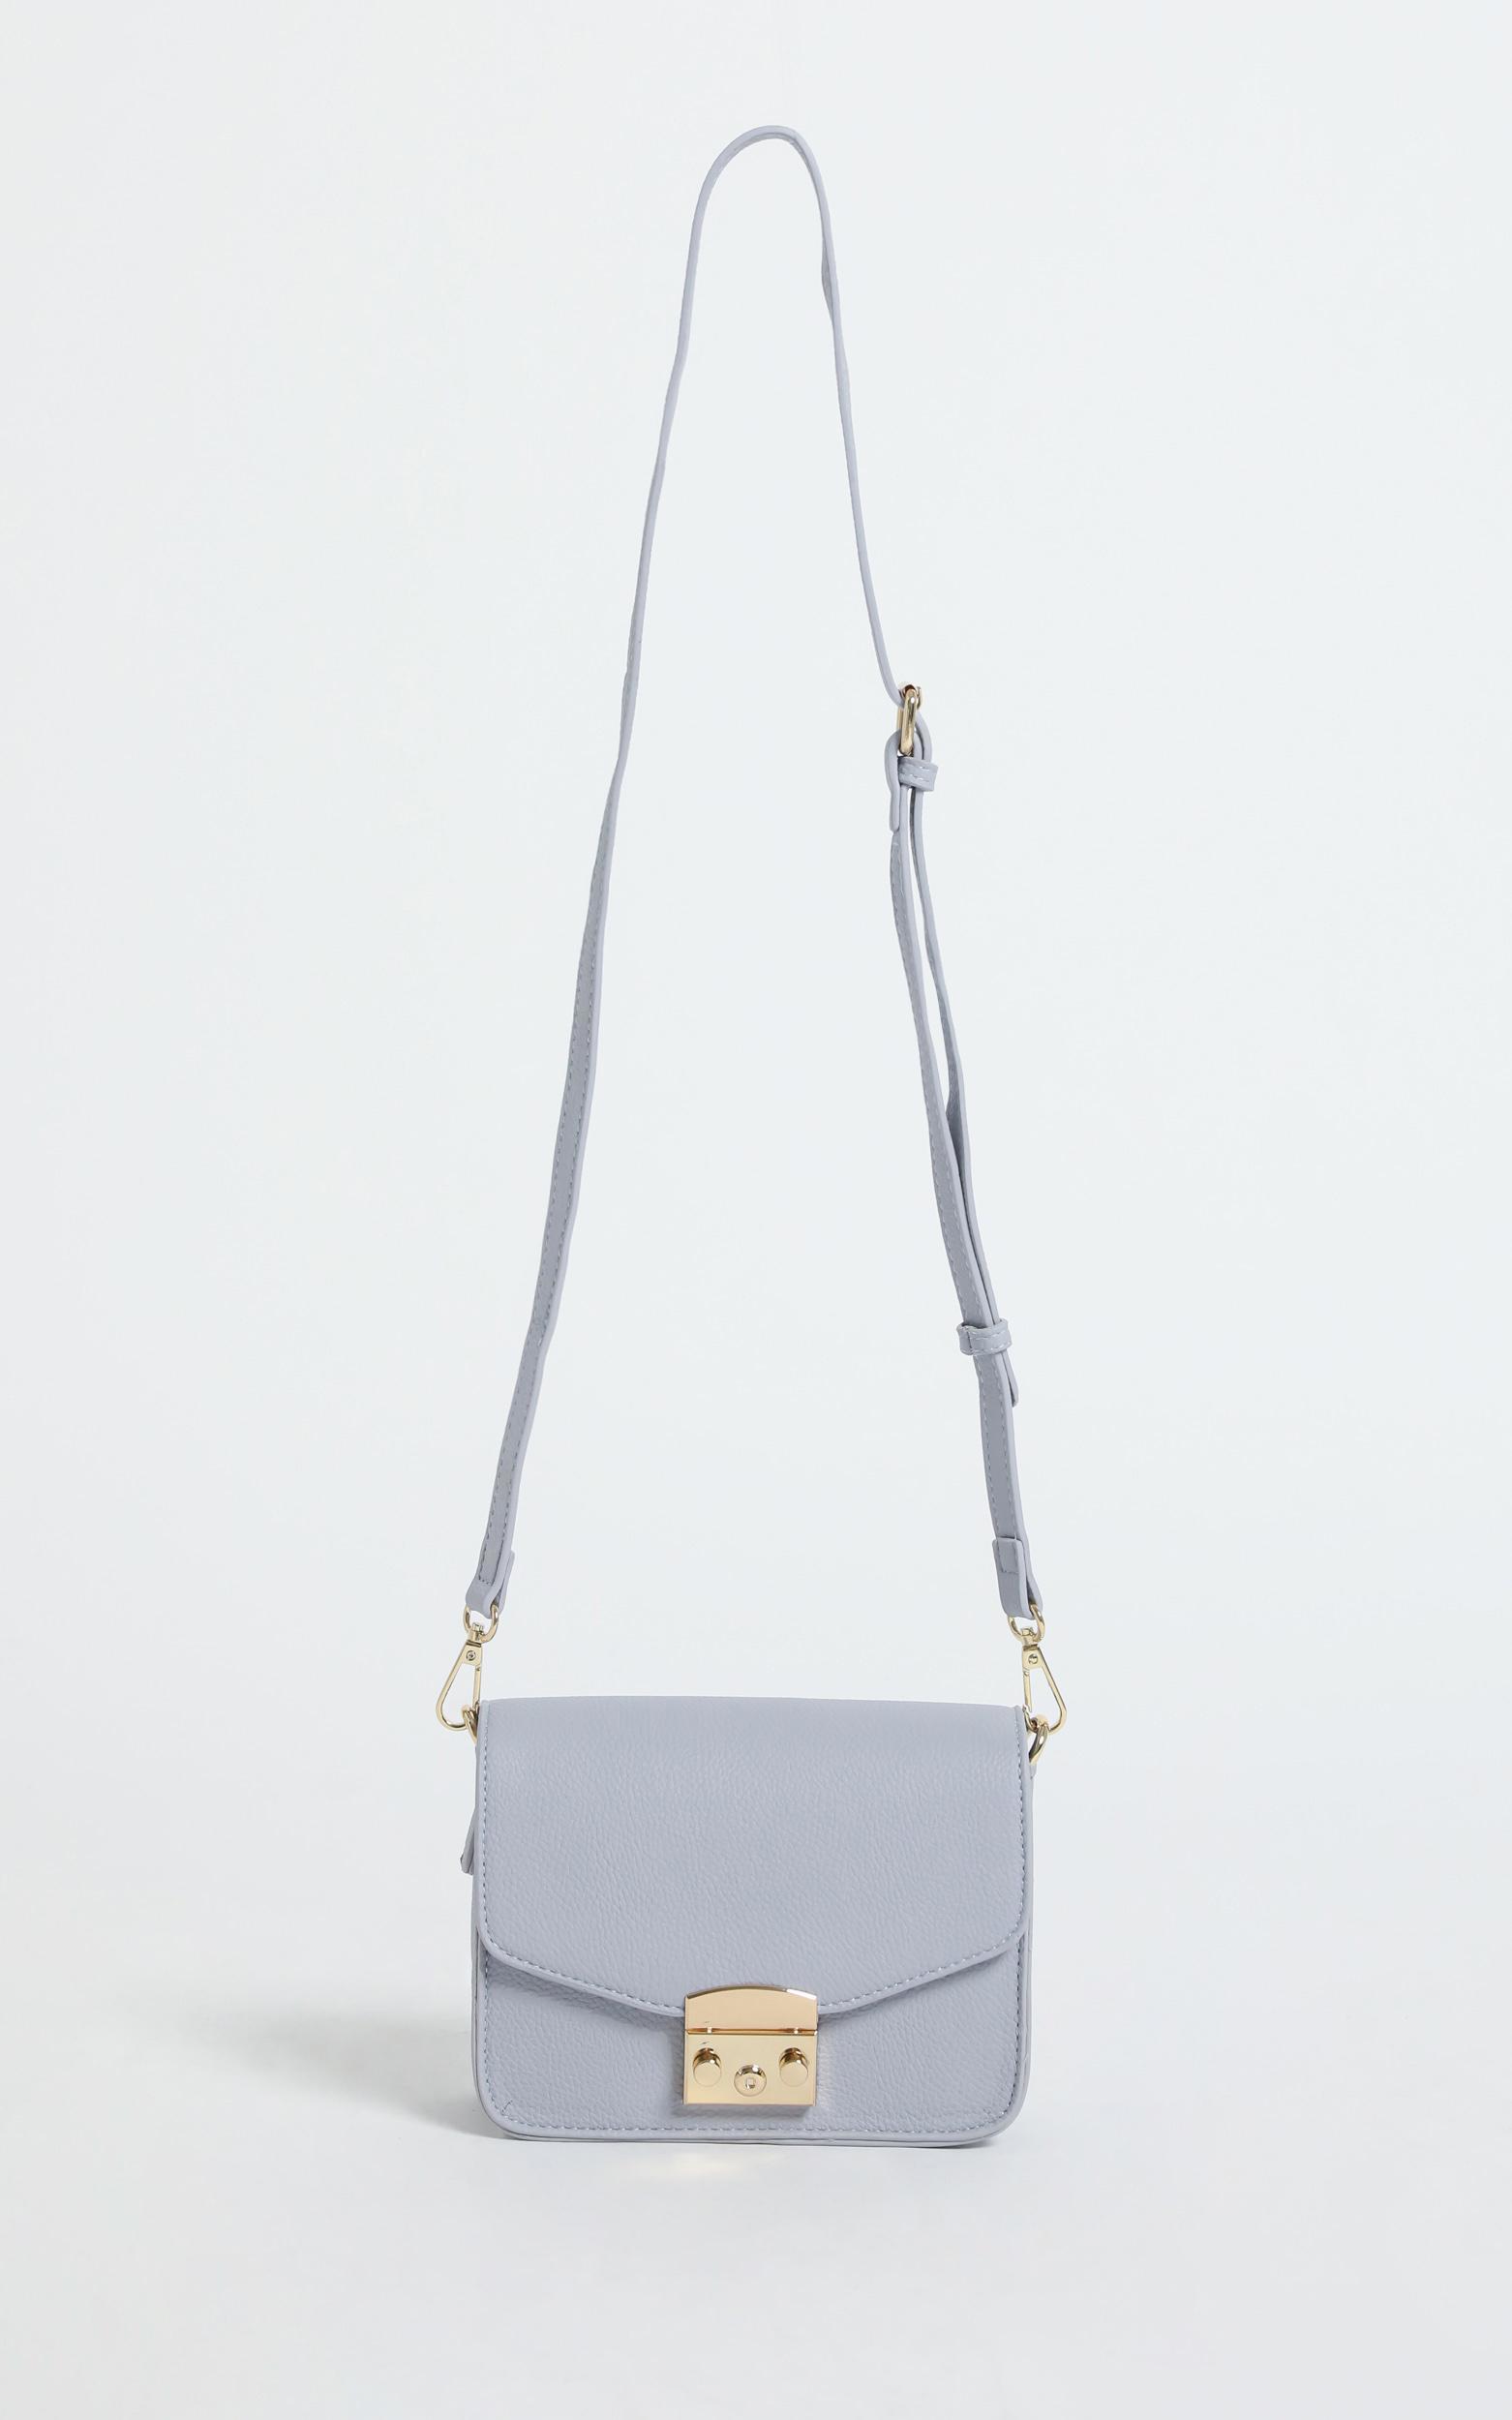 Peta and Jain - Annalise Bag in Lavender, , hi-res image number null